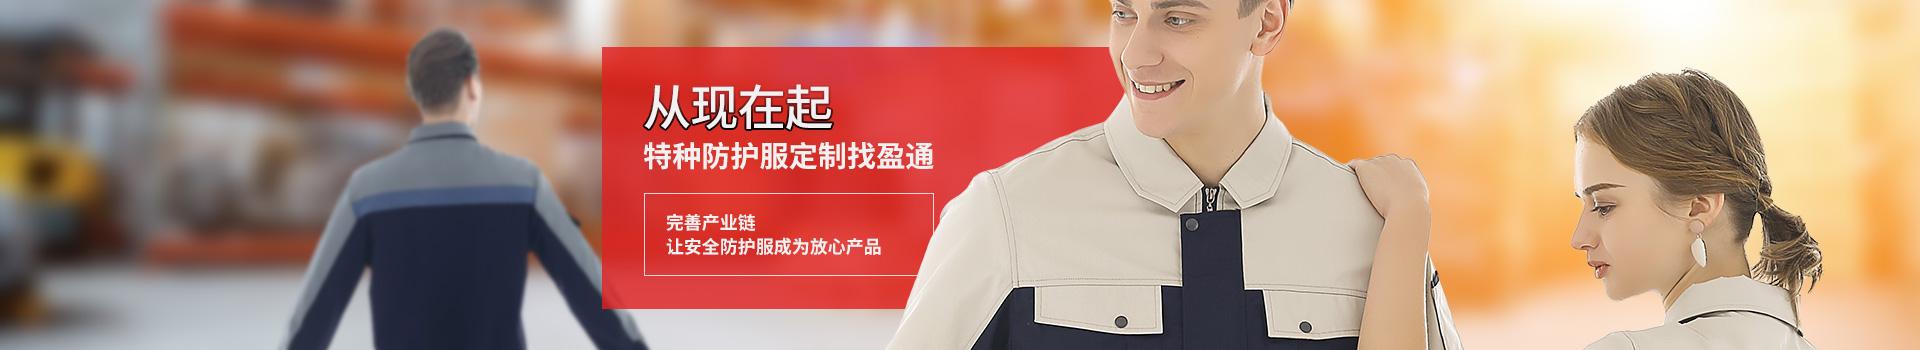 盈通纺织特种工装定制